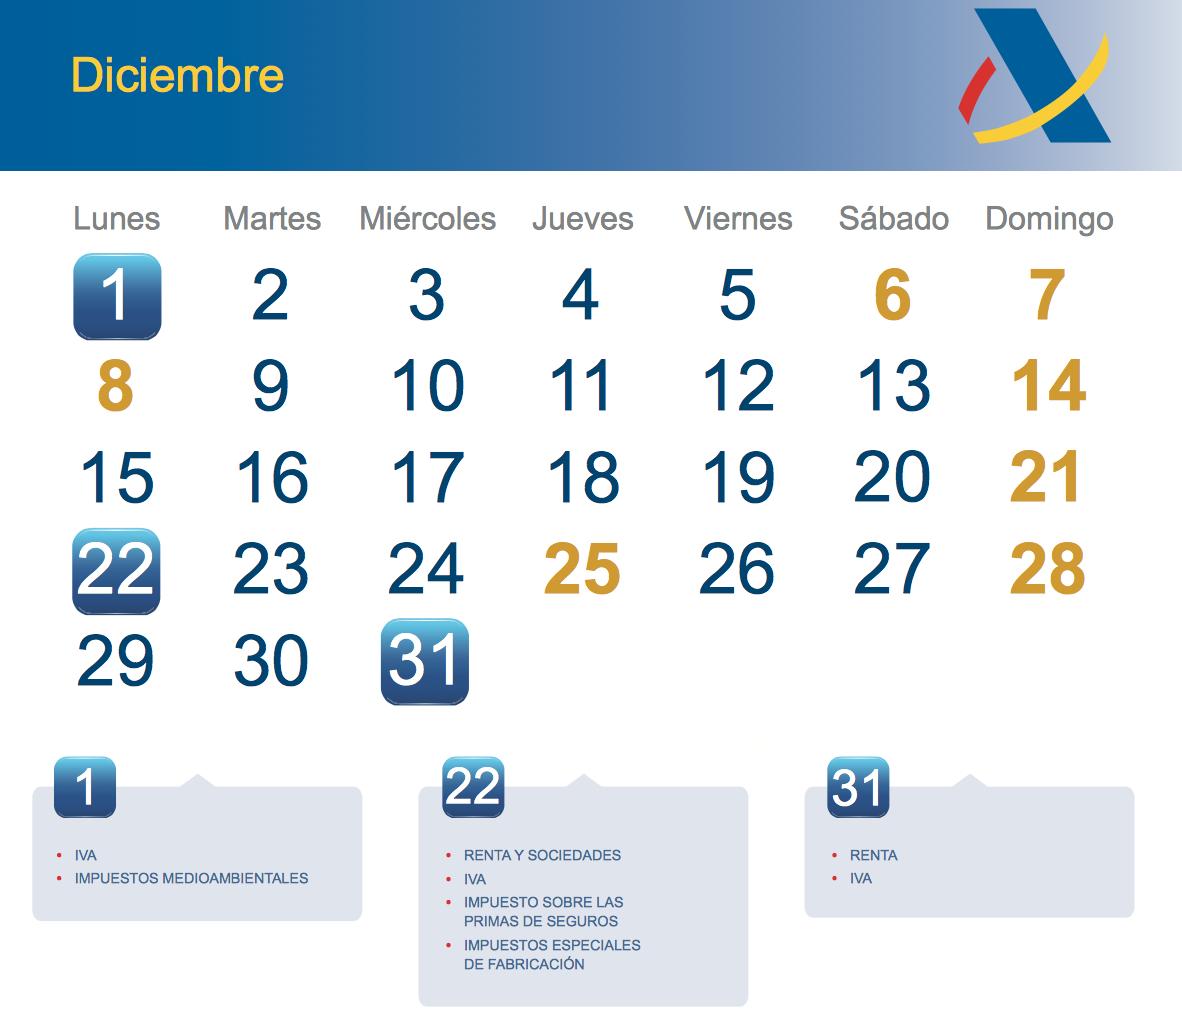 Calendario fiscal diciembre 2014